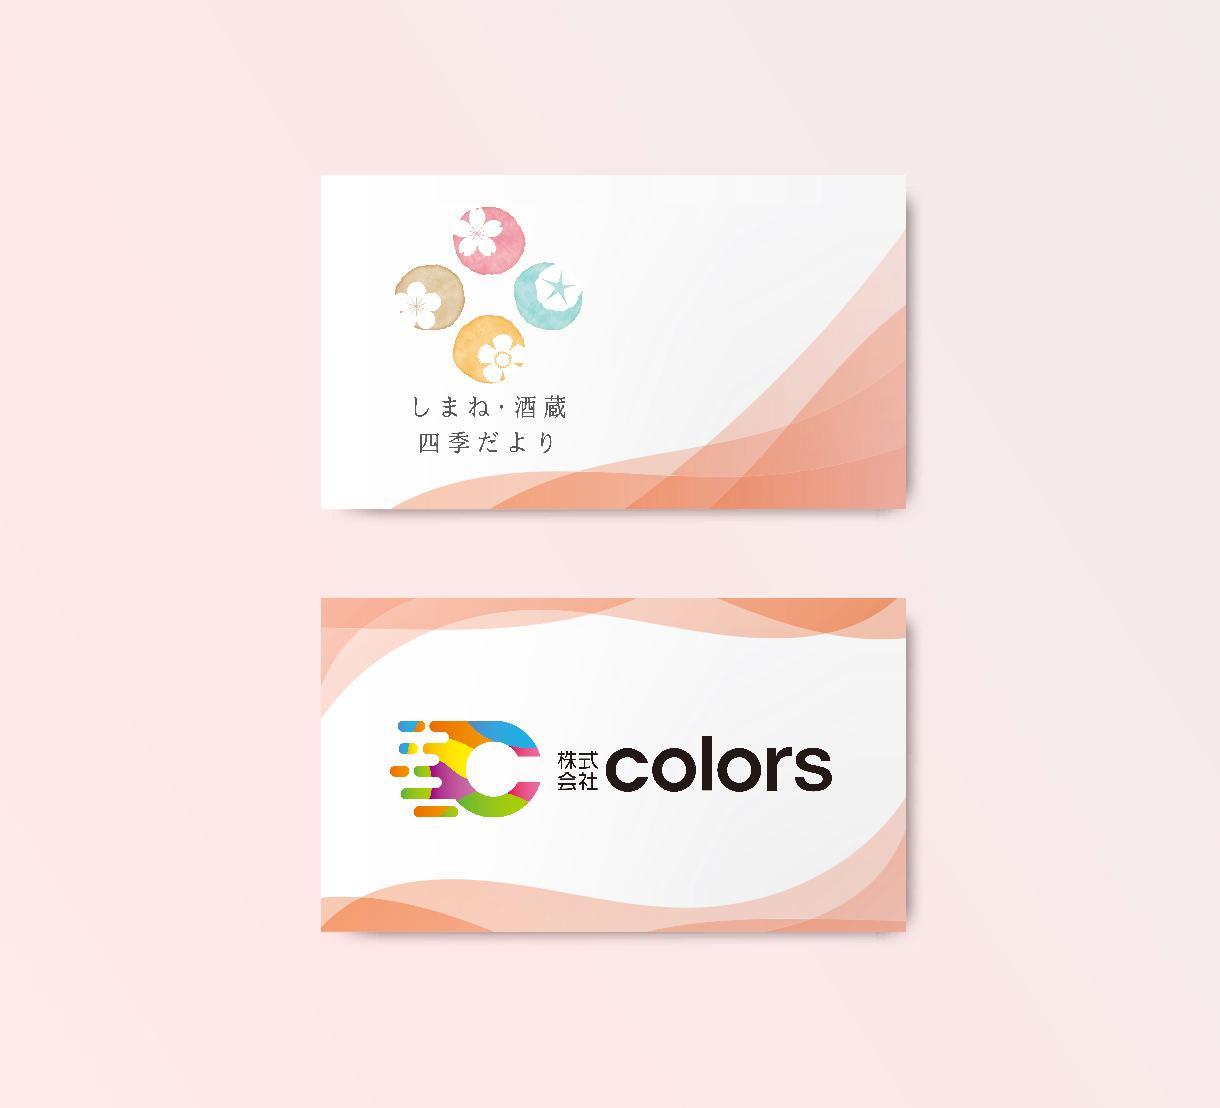 プロのデザイナーがロゴマークを格安で制作します 開業をお考えの方、ロゴをリニューアルしたい方などご相談を②